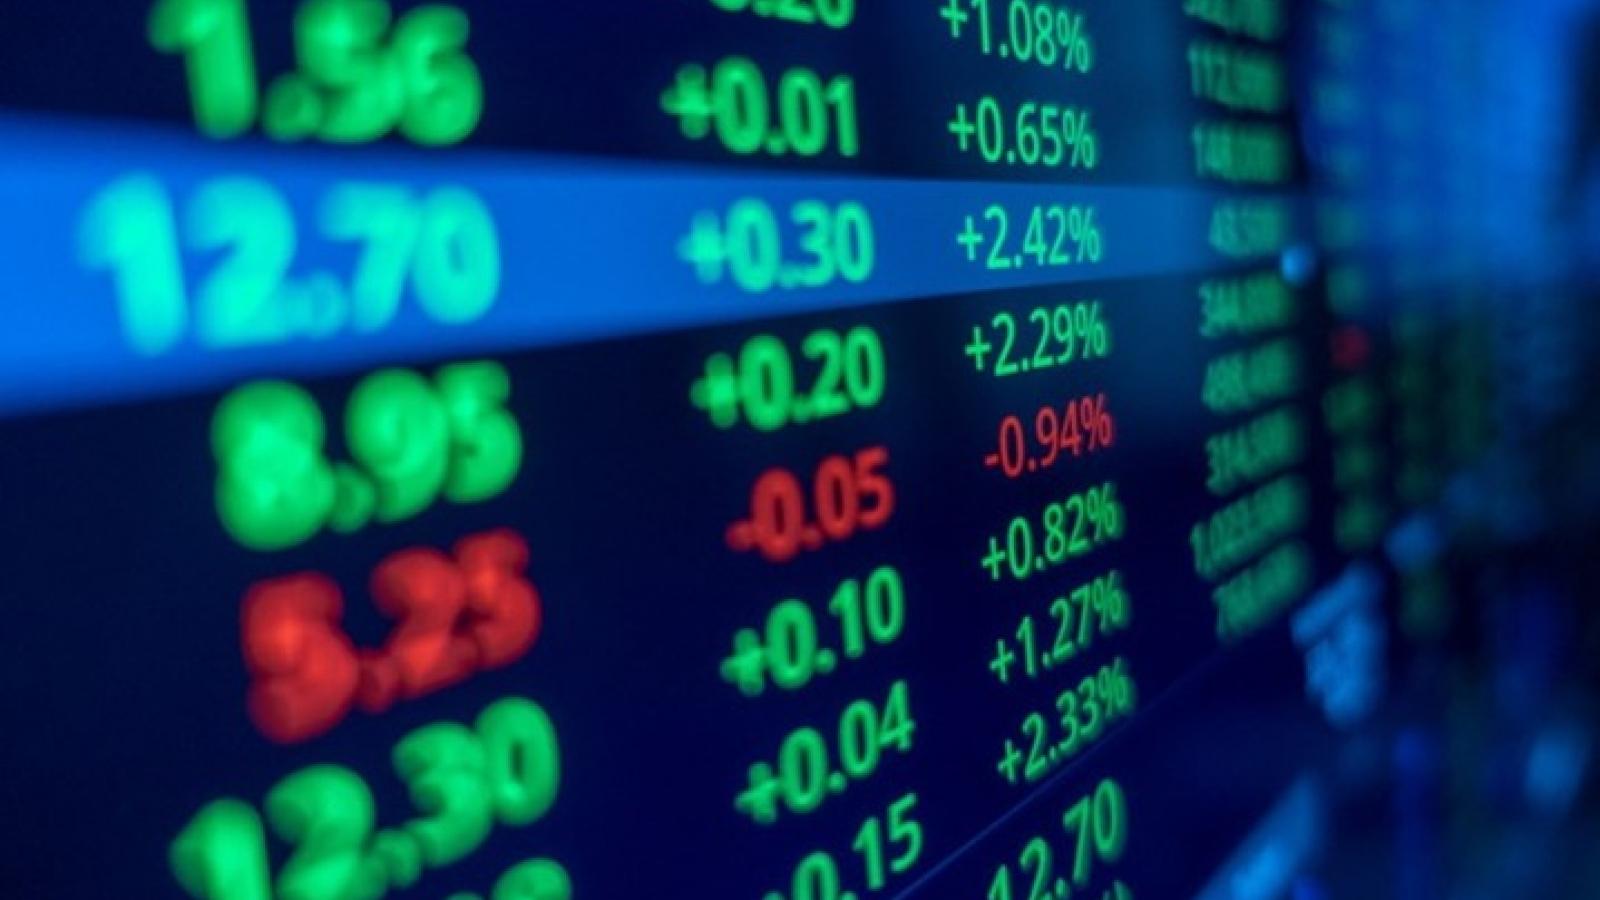 Thị trường chứng khoán Việt: Đã có thiên thời, địa lợi, chỉ còn chờ nhân hòa